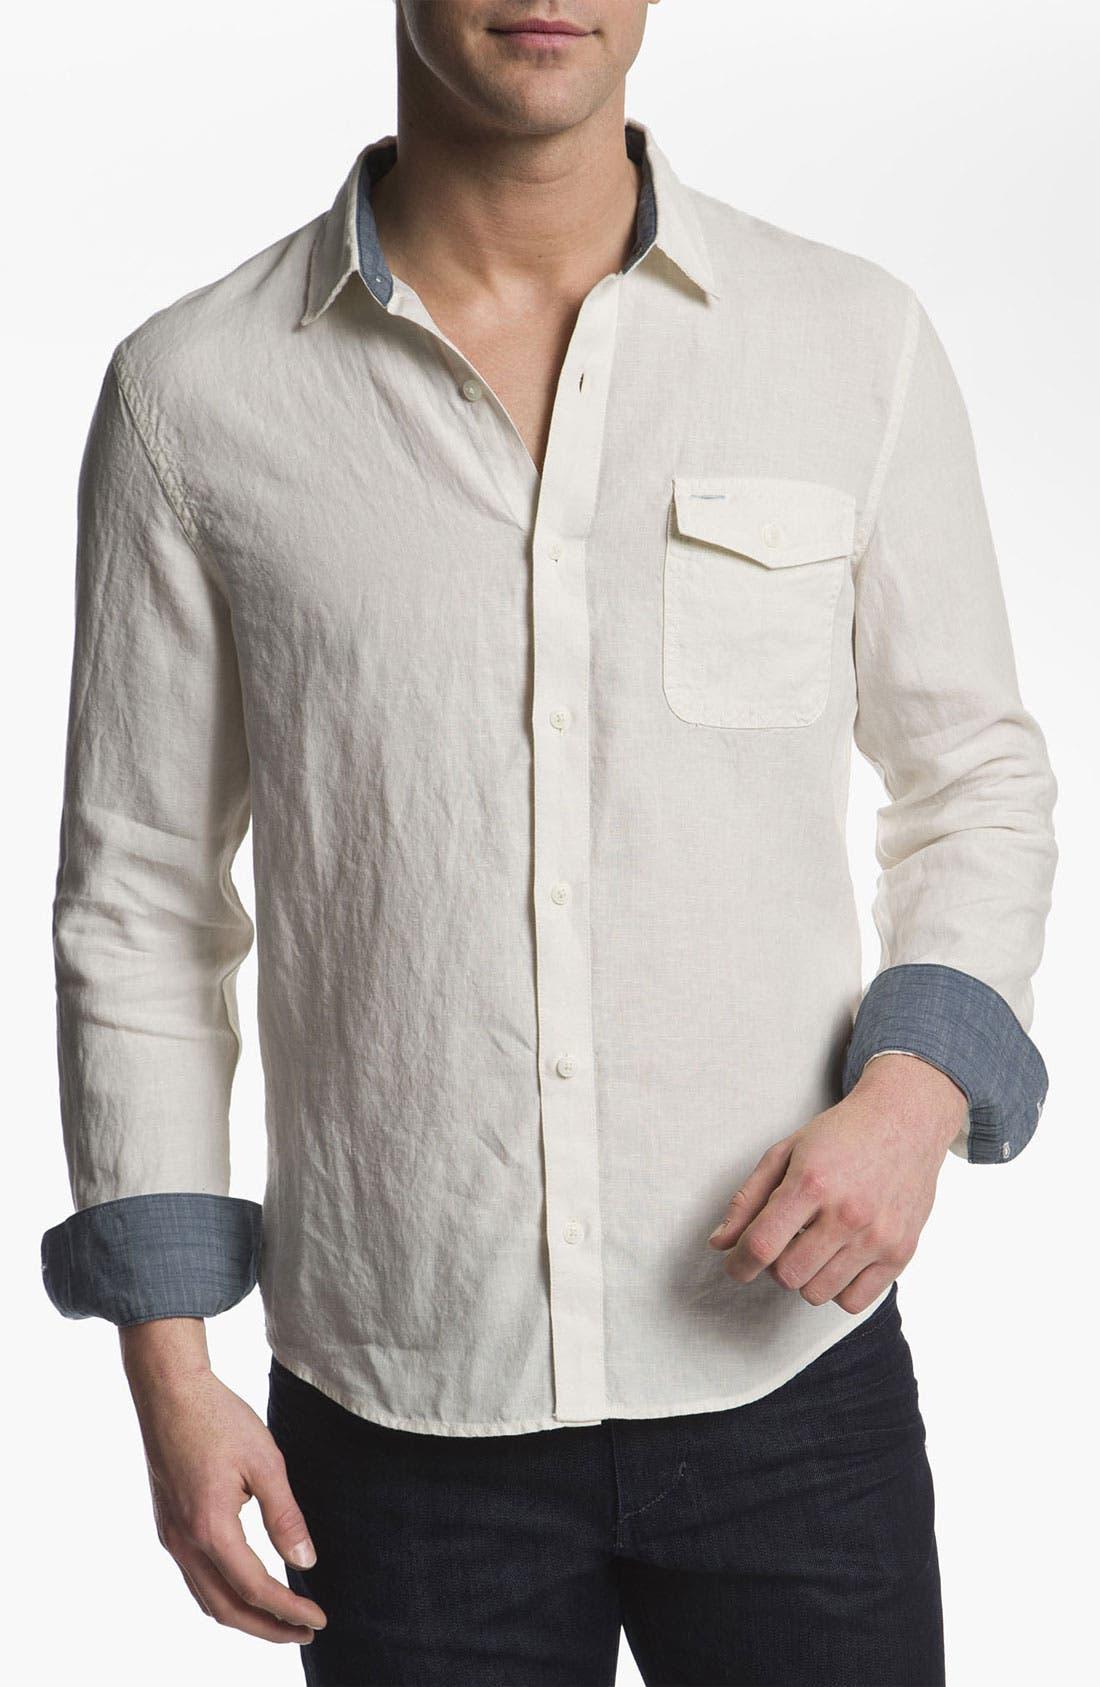 Main Image - 1901 Woven Linen Shirt